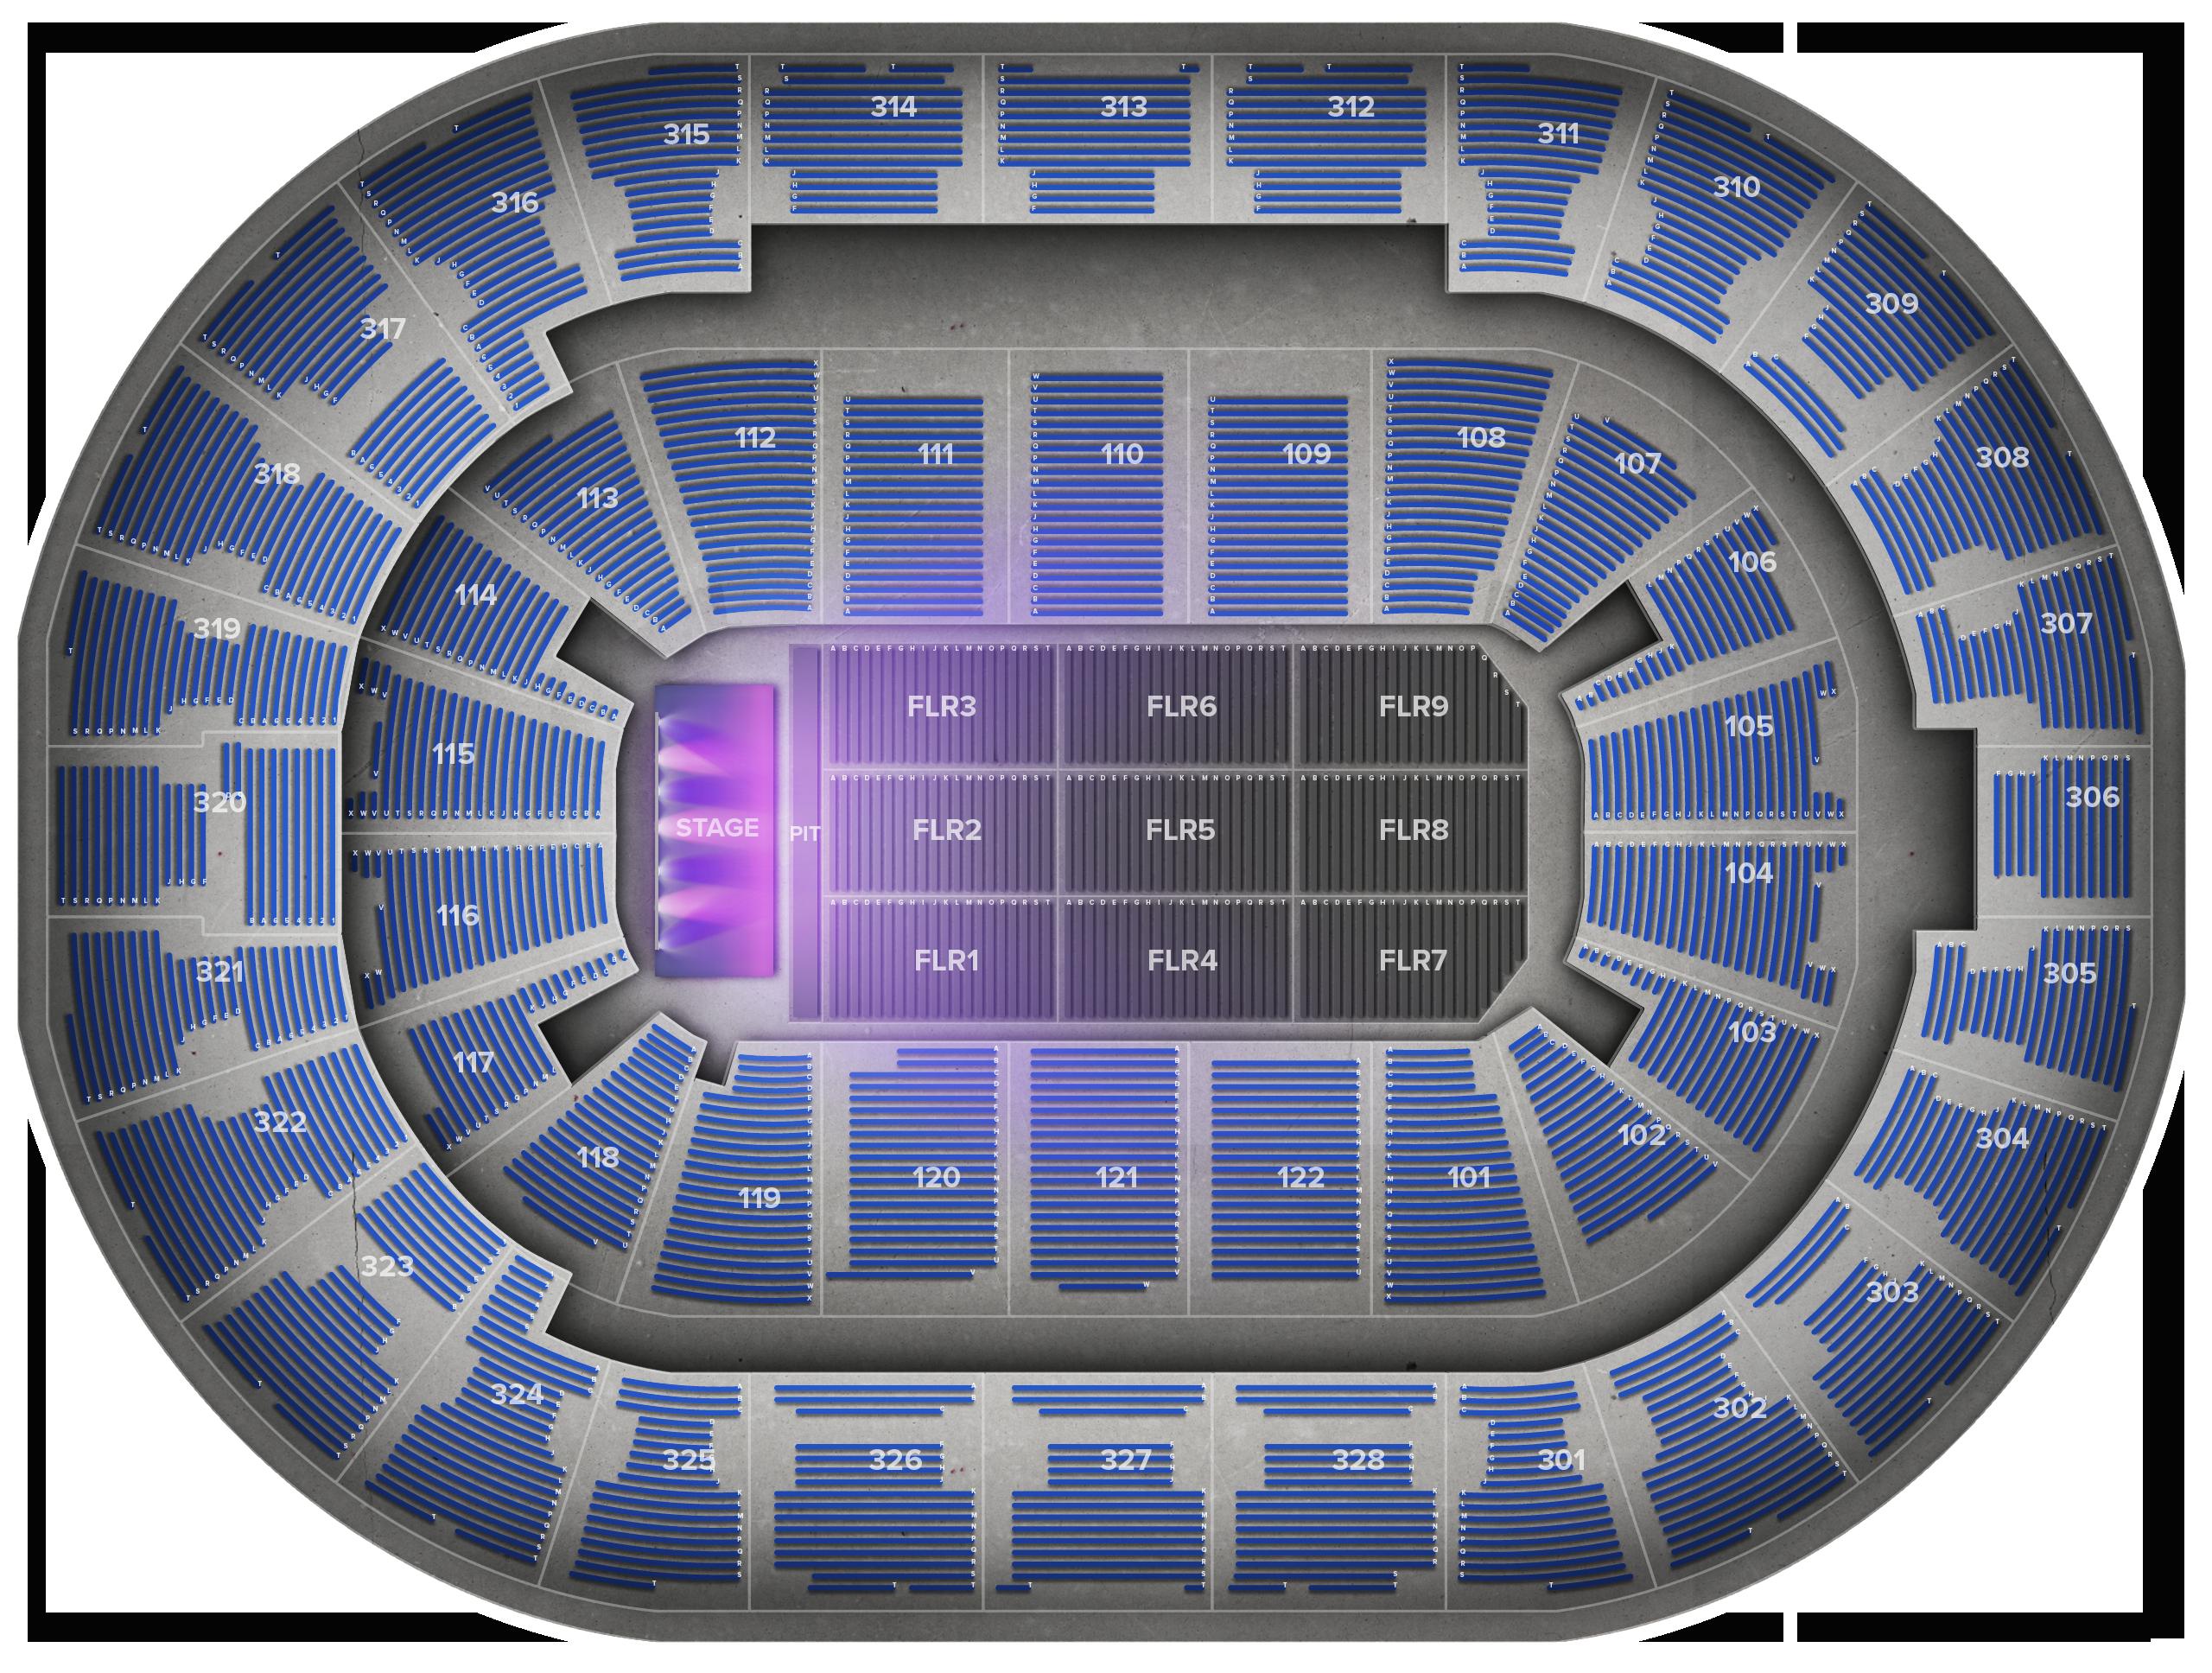 BOK Center Tickets